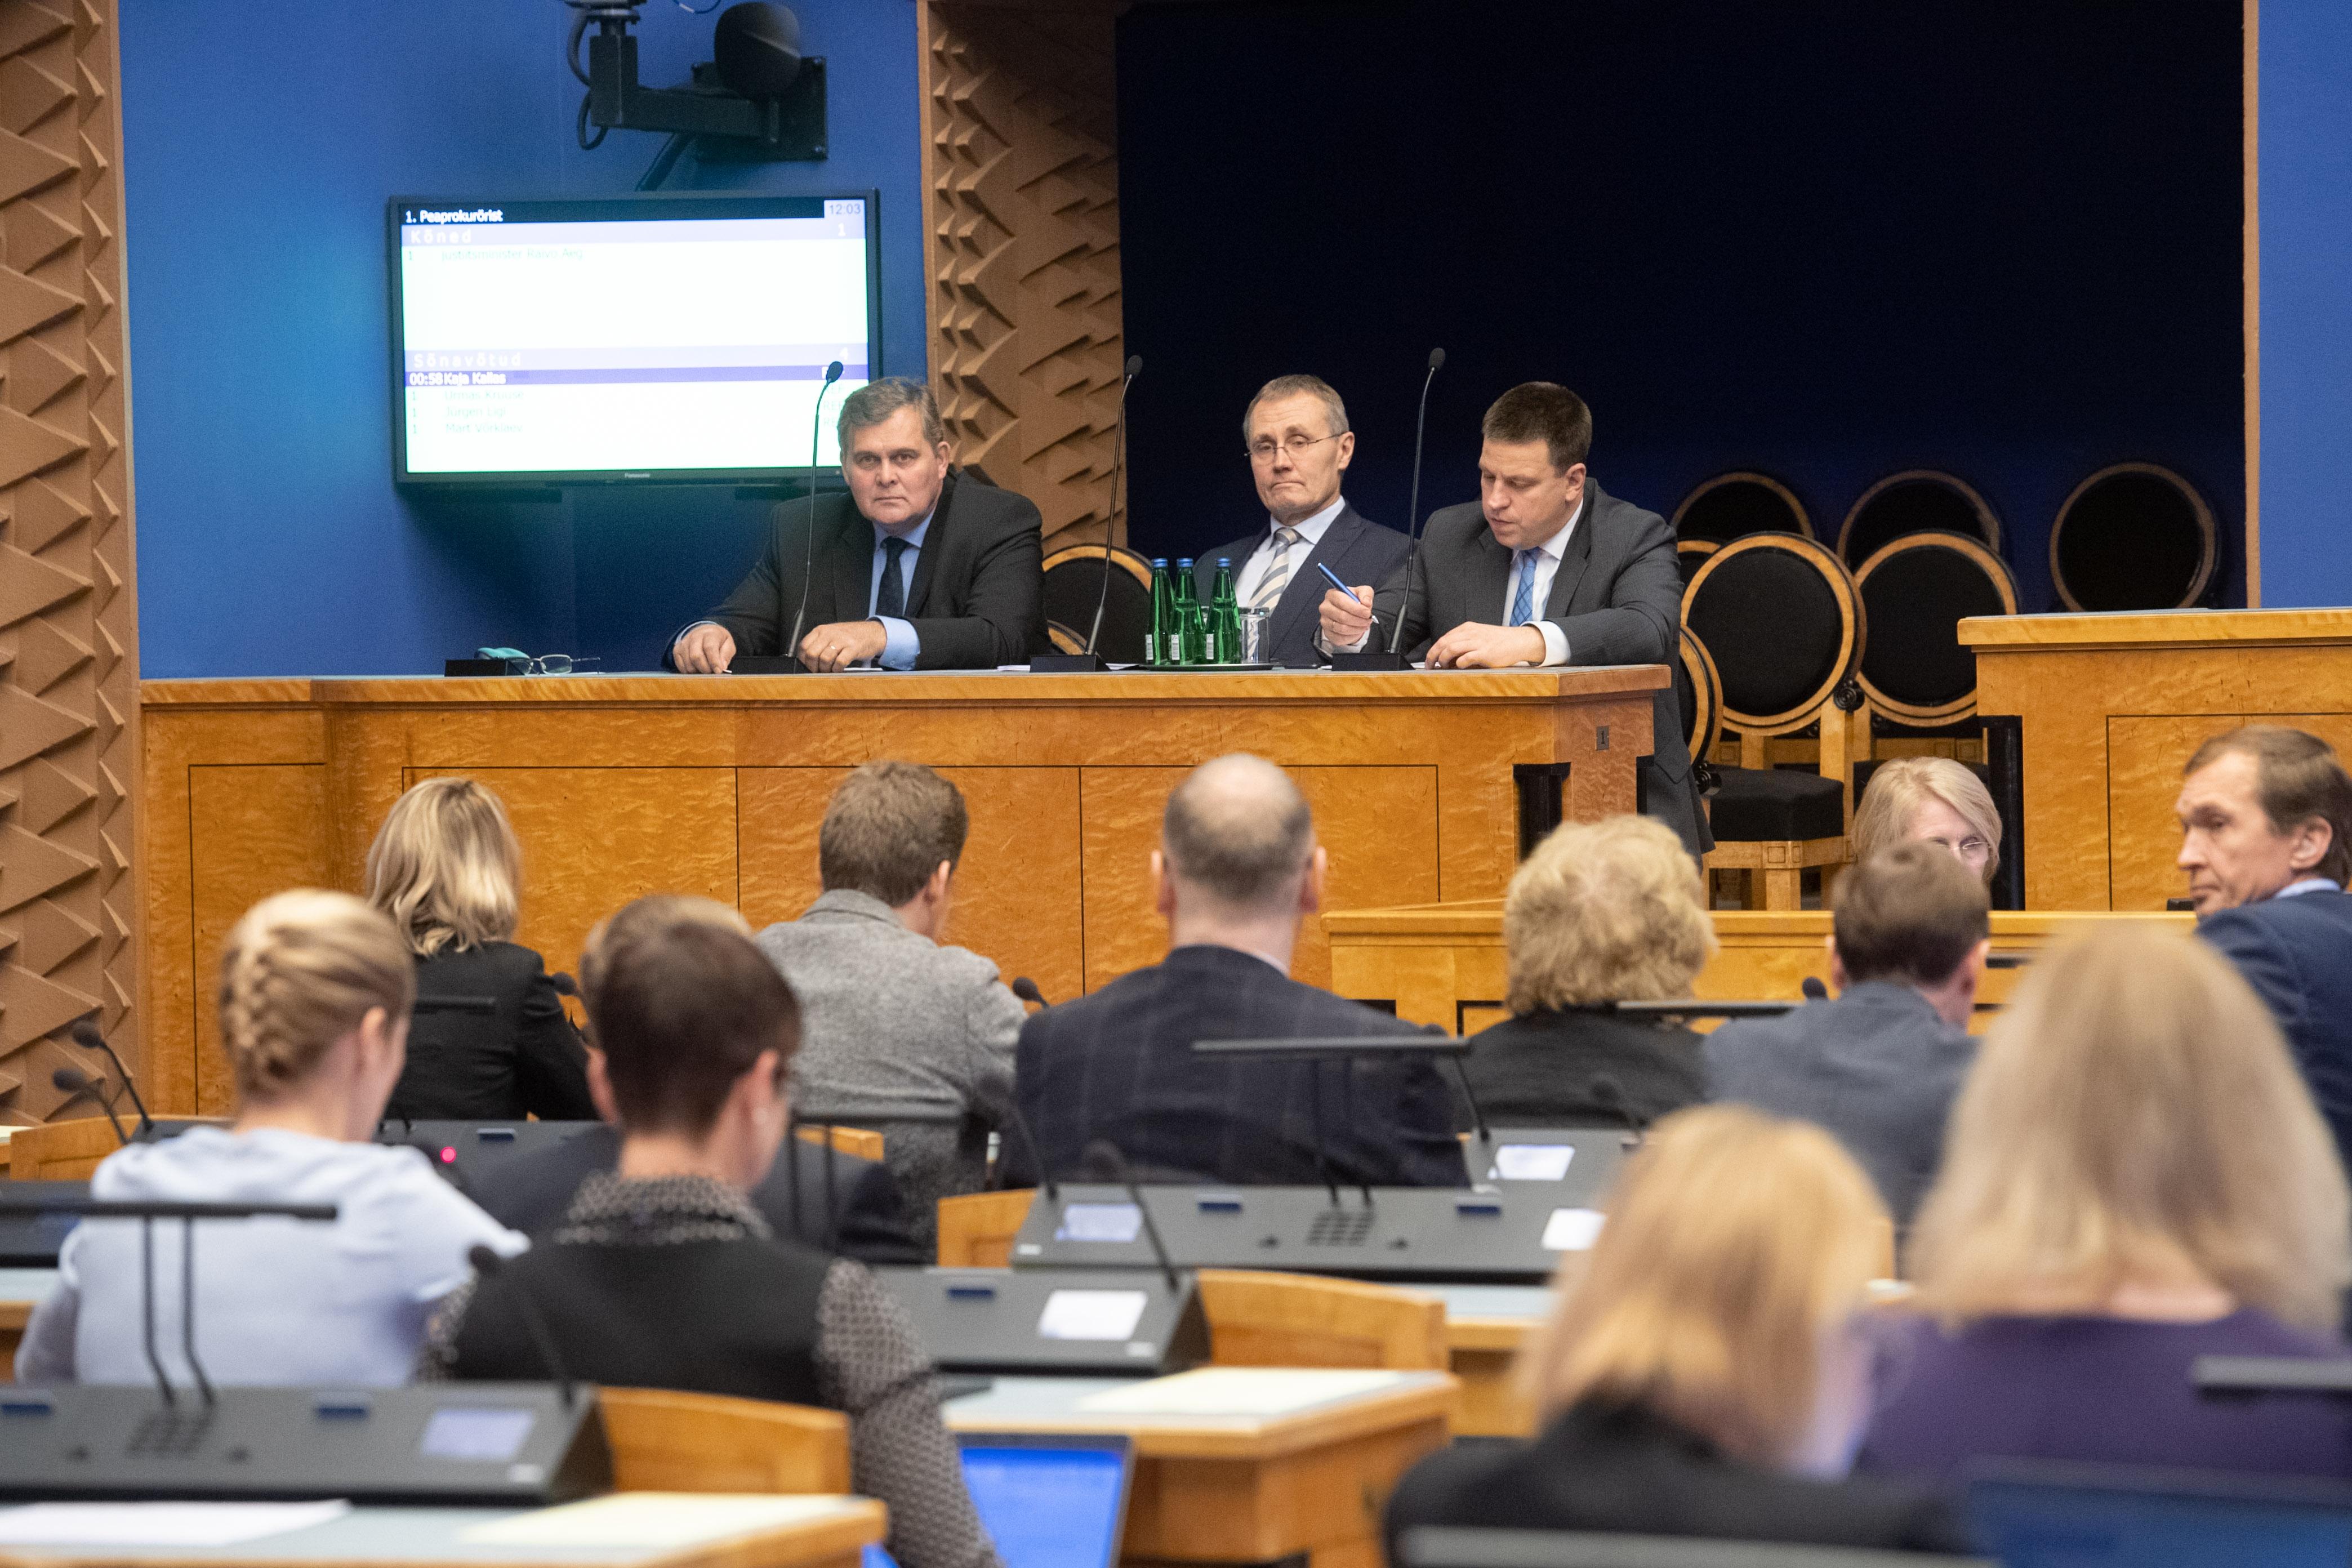 Riigikogu infotund keskendus riigi peaprokuröri ametisse nimetamisele